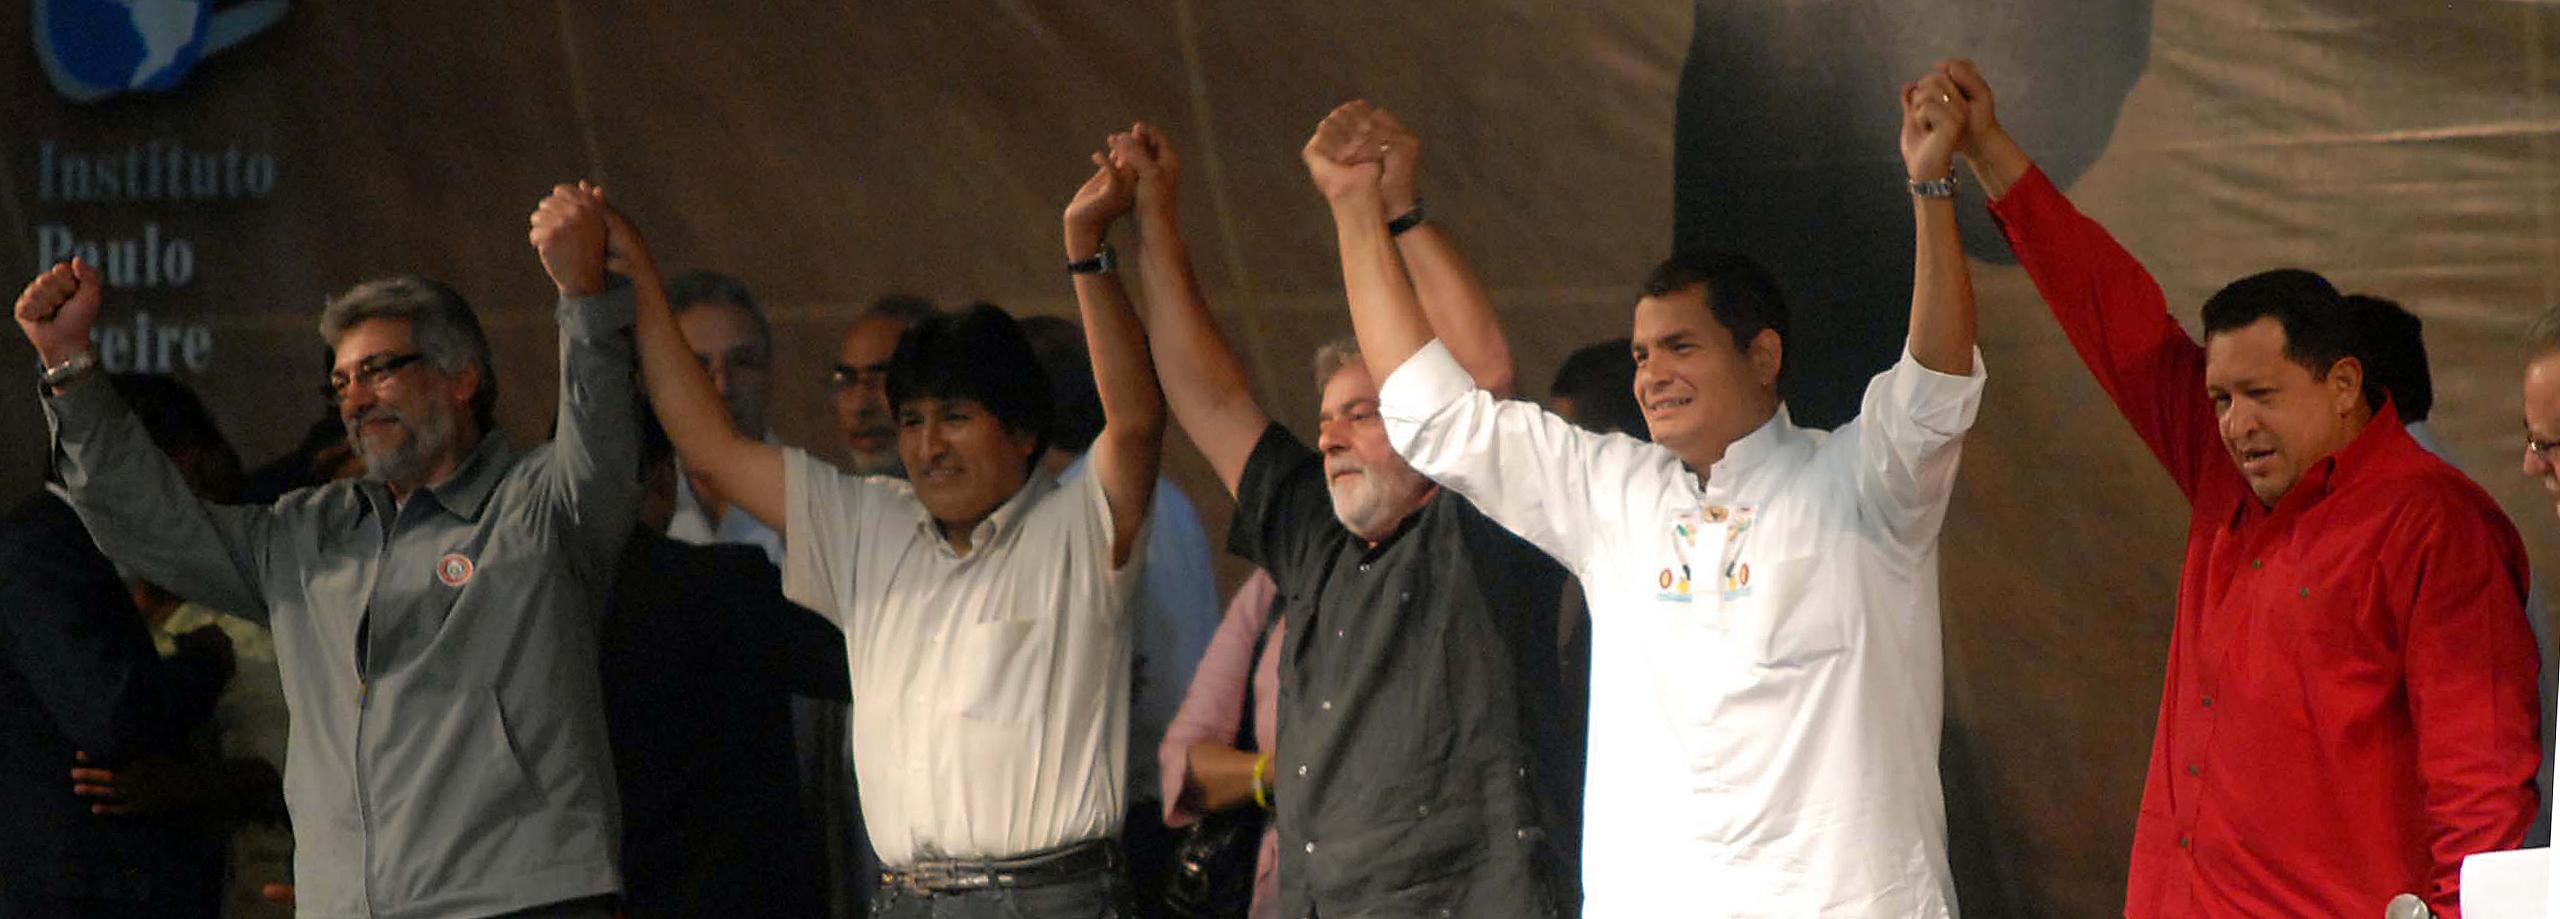 Linke Regierungen und Parteien in Lateinamerika